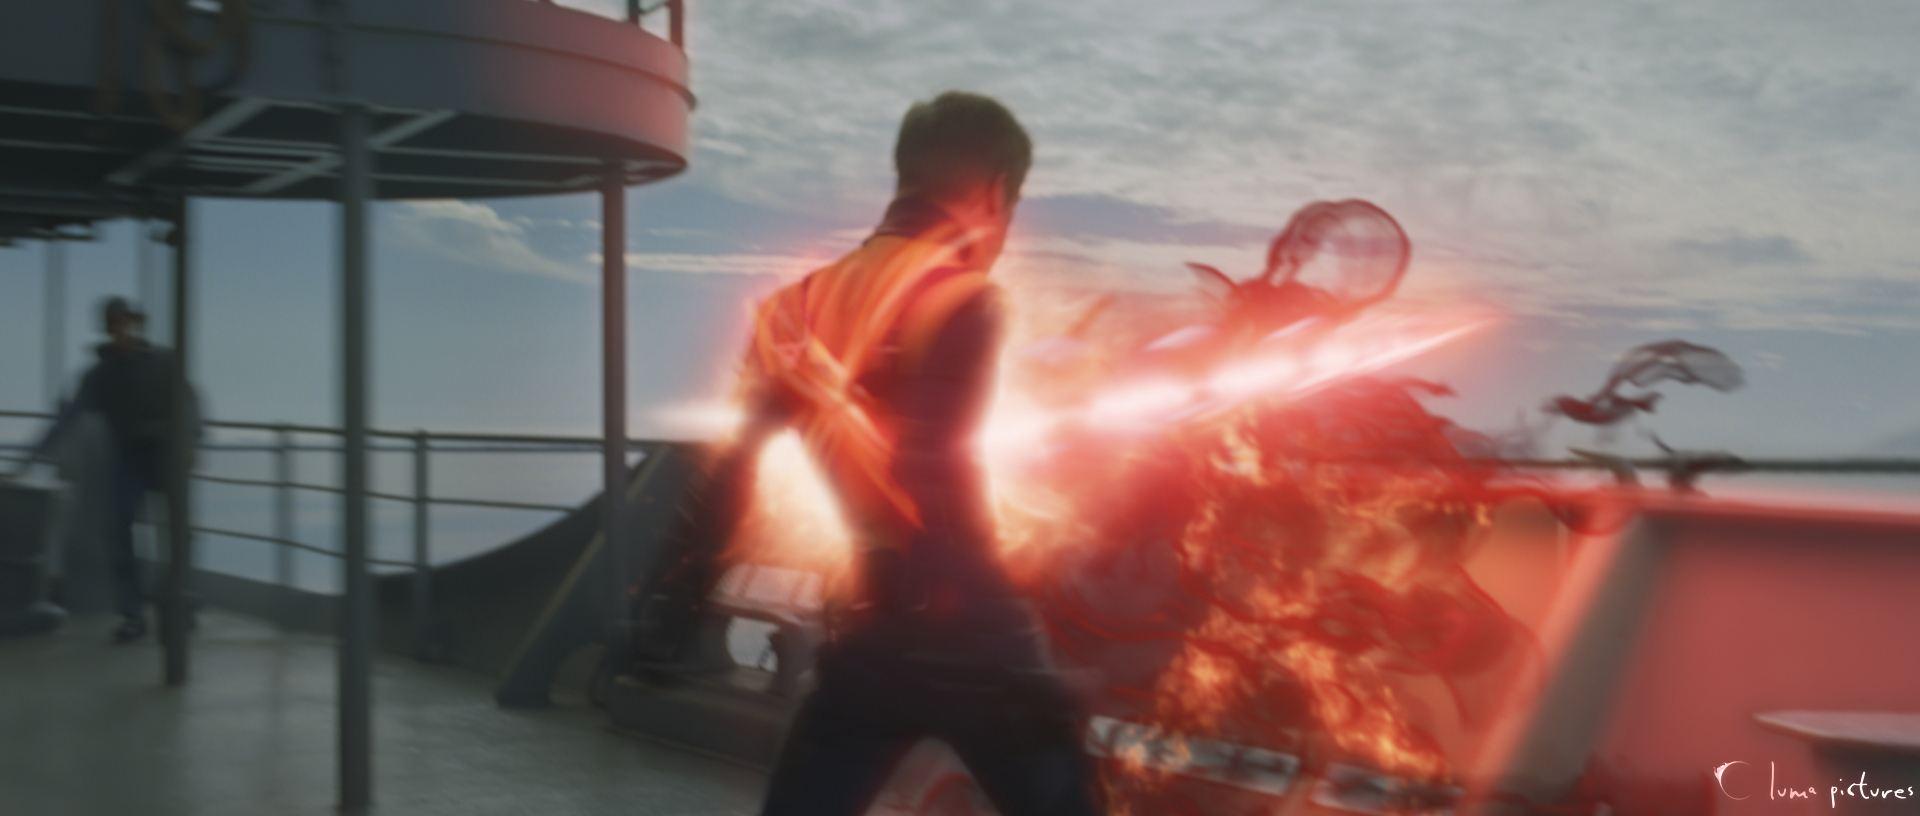 кадры из фильма Люди Икс: Первый класс Лукас Тилл,